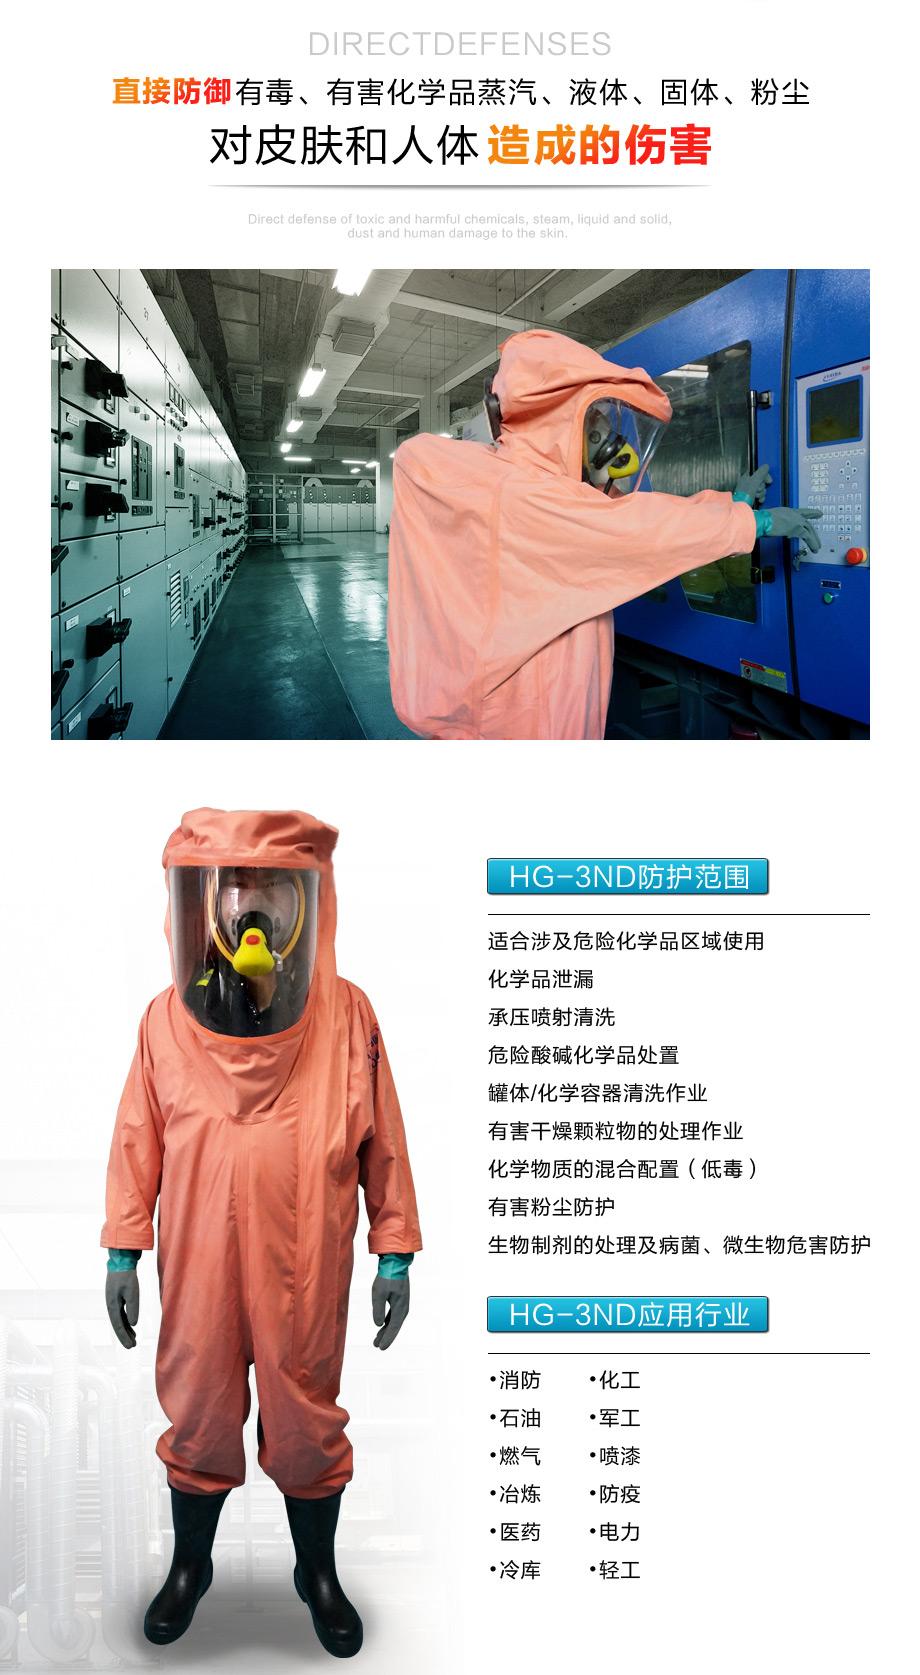 海固3np防化服可应用在消防、化工、石油等行业